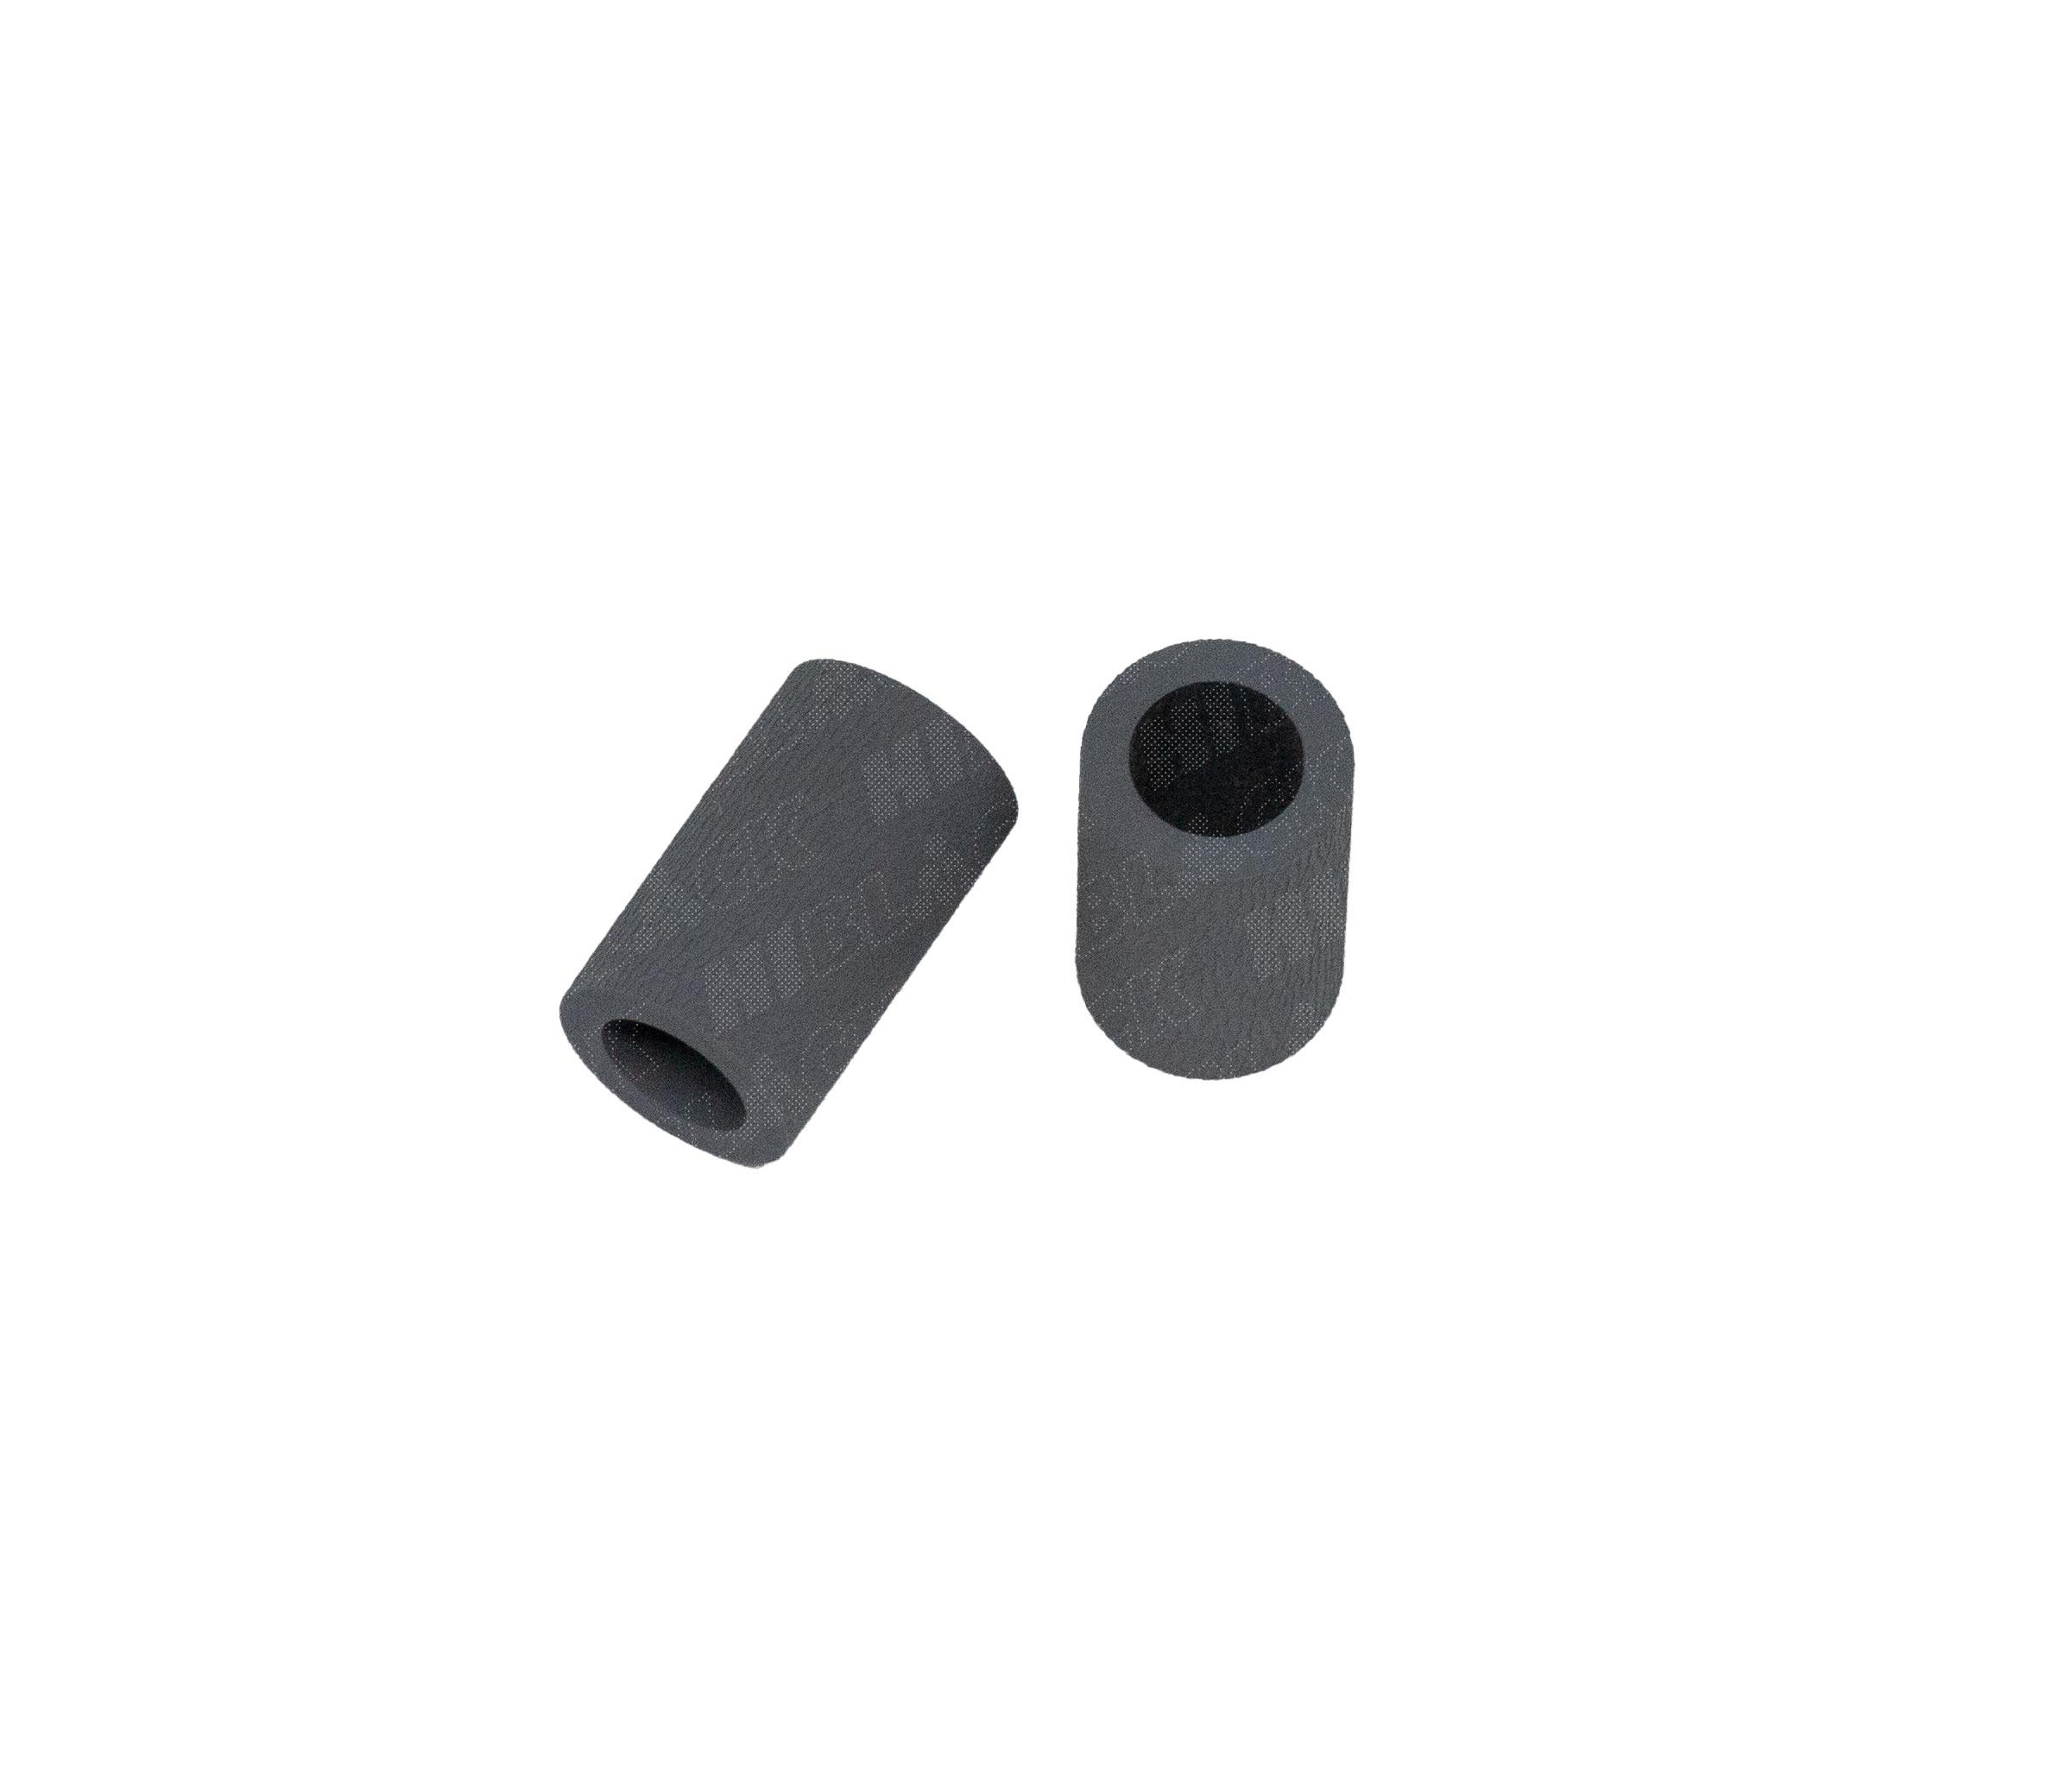 Насадки (резинки) ролика захвата (лоток 2) для HP LJ Pro M402/M403/M426/M427 (совм) 2 шт/компл